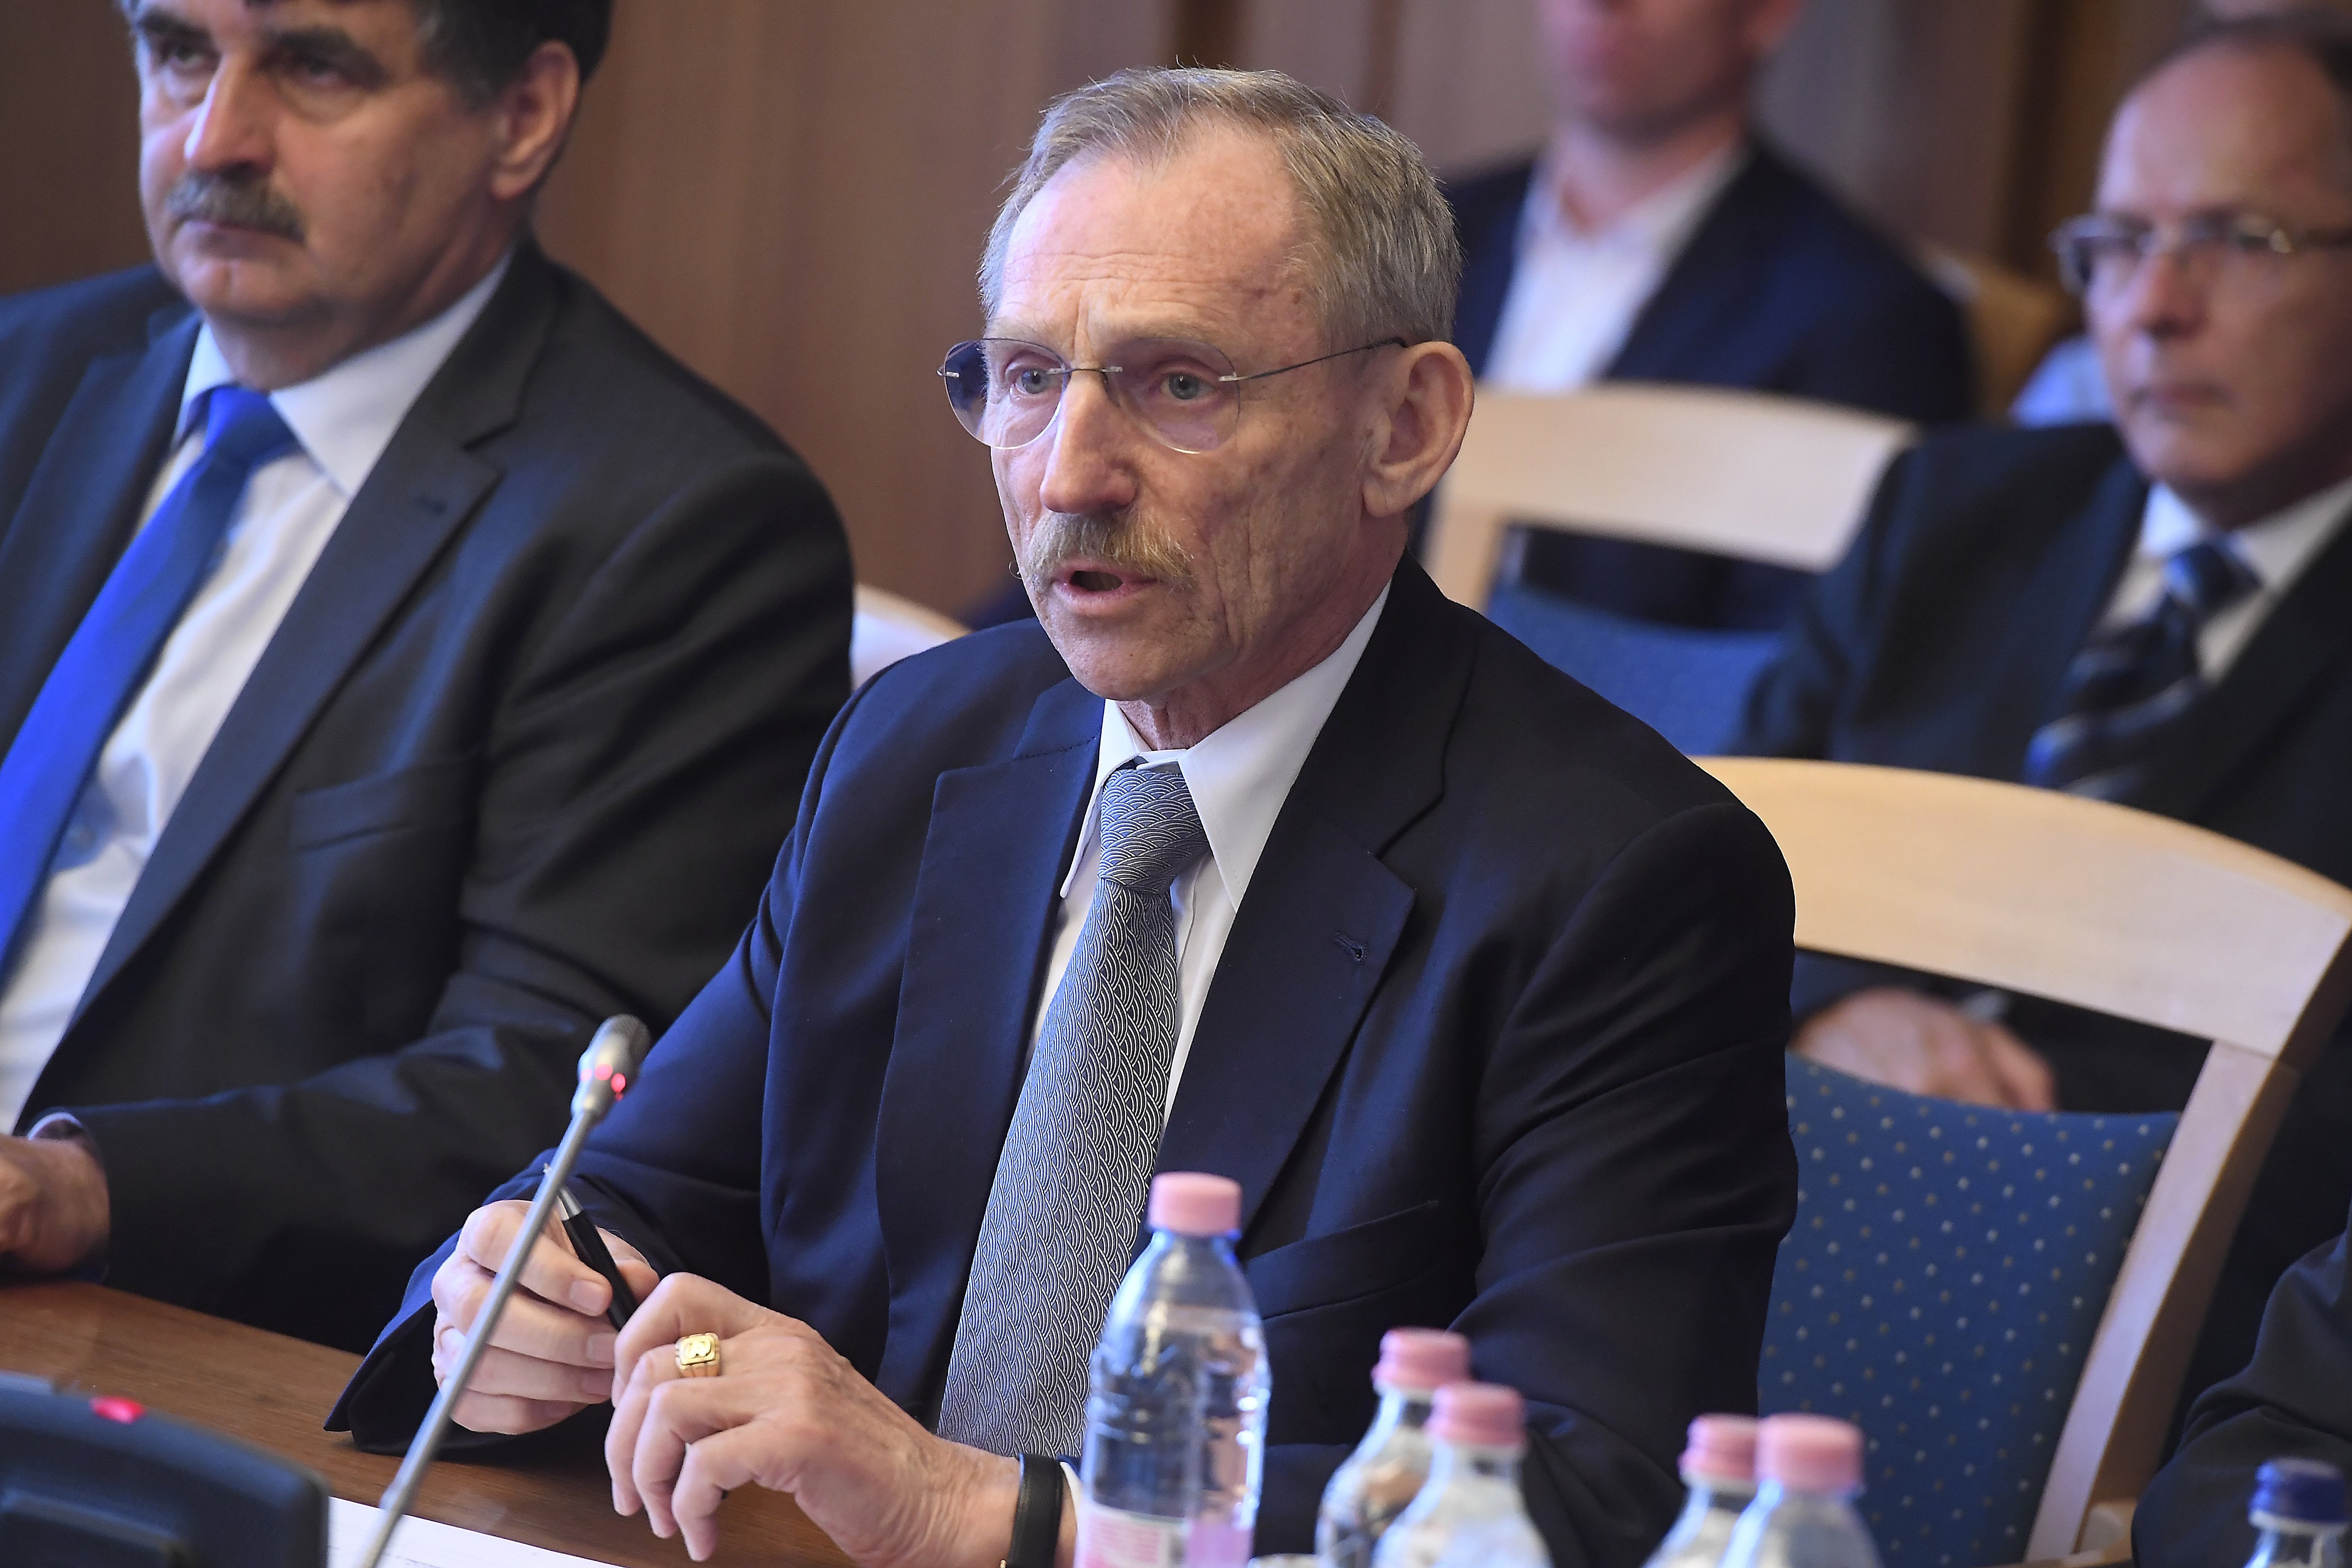 Pintér Sándor miniszteri biztost nevezett ki a 90-es évek bűnügyeinek felderítésére